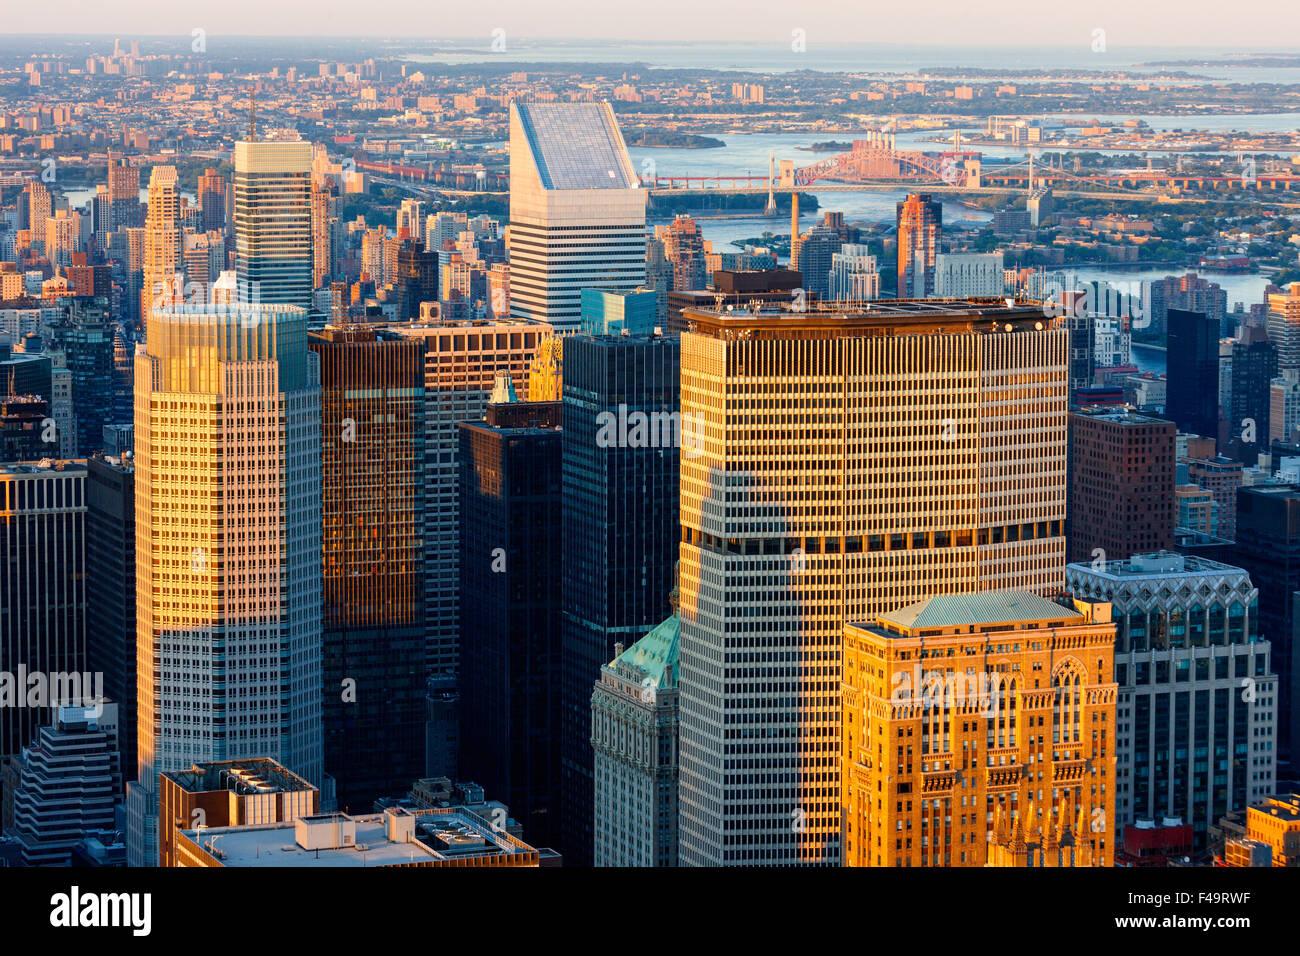 Vista aérea de los rascacielos de Manhattan al atardecer. La Ciudad de Nueva York. Ee.Uu. Imagen De Stock